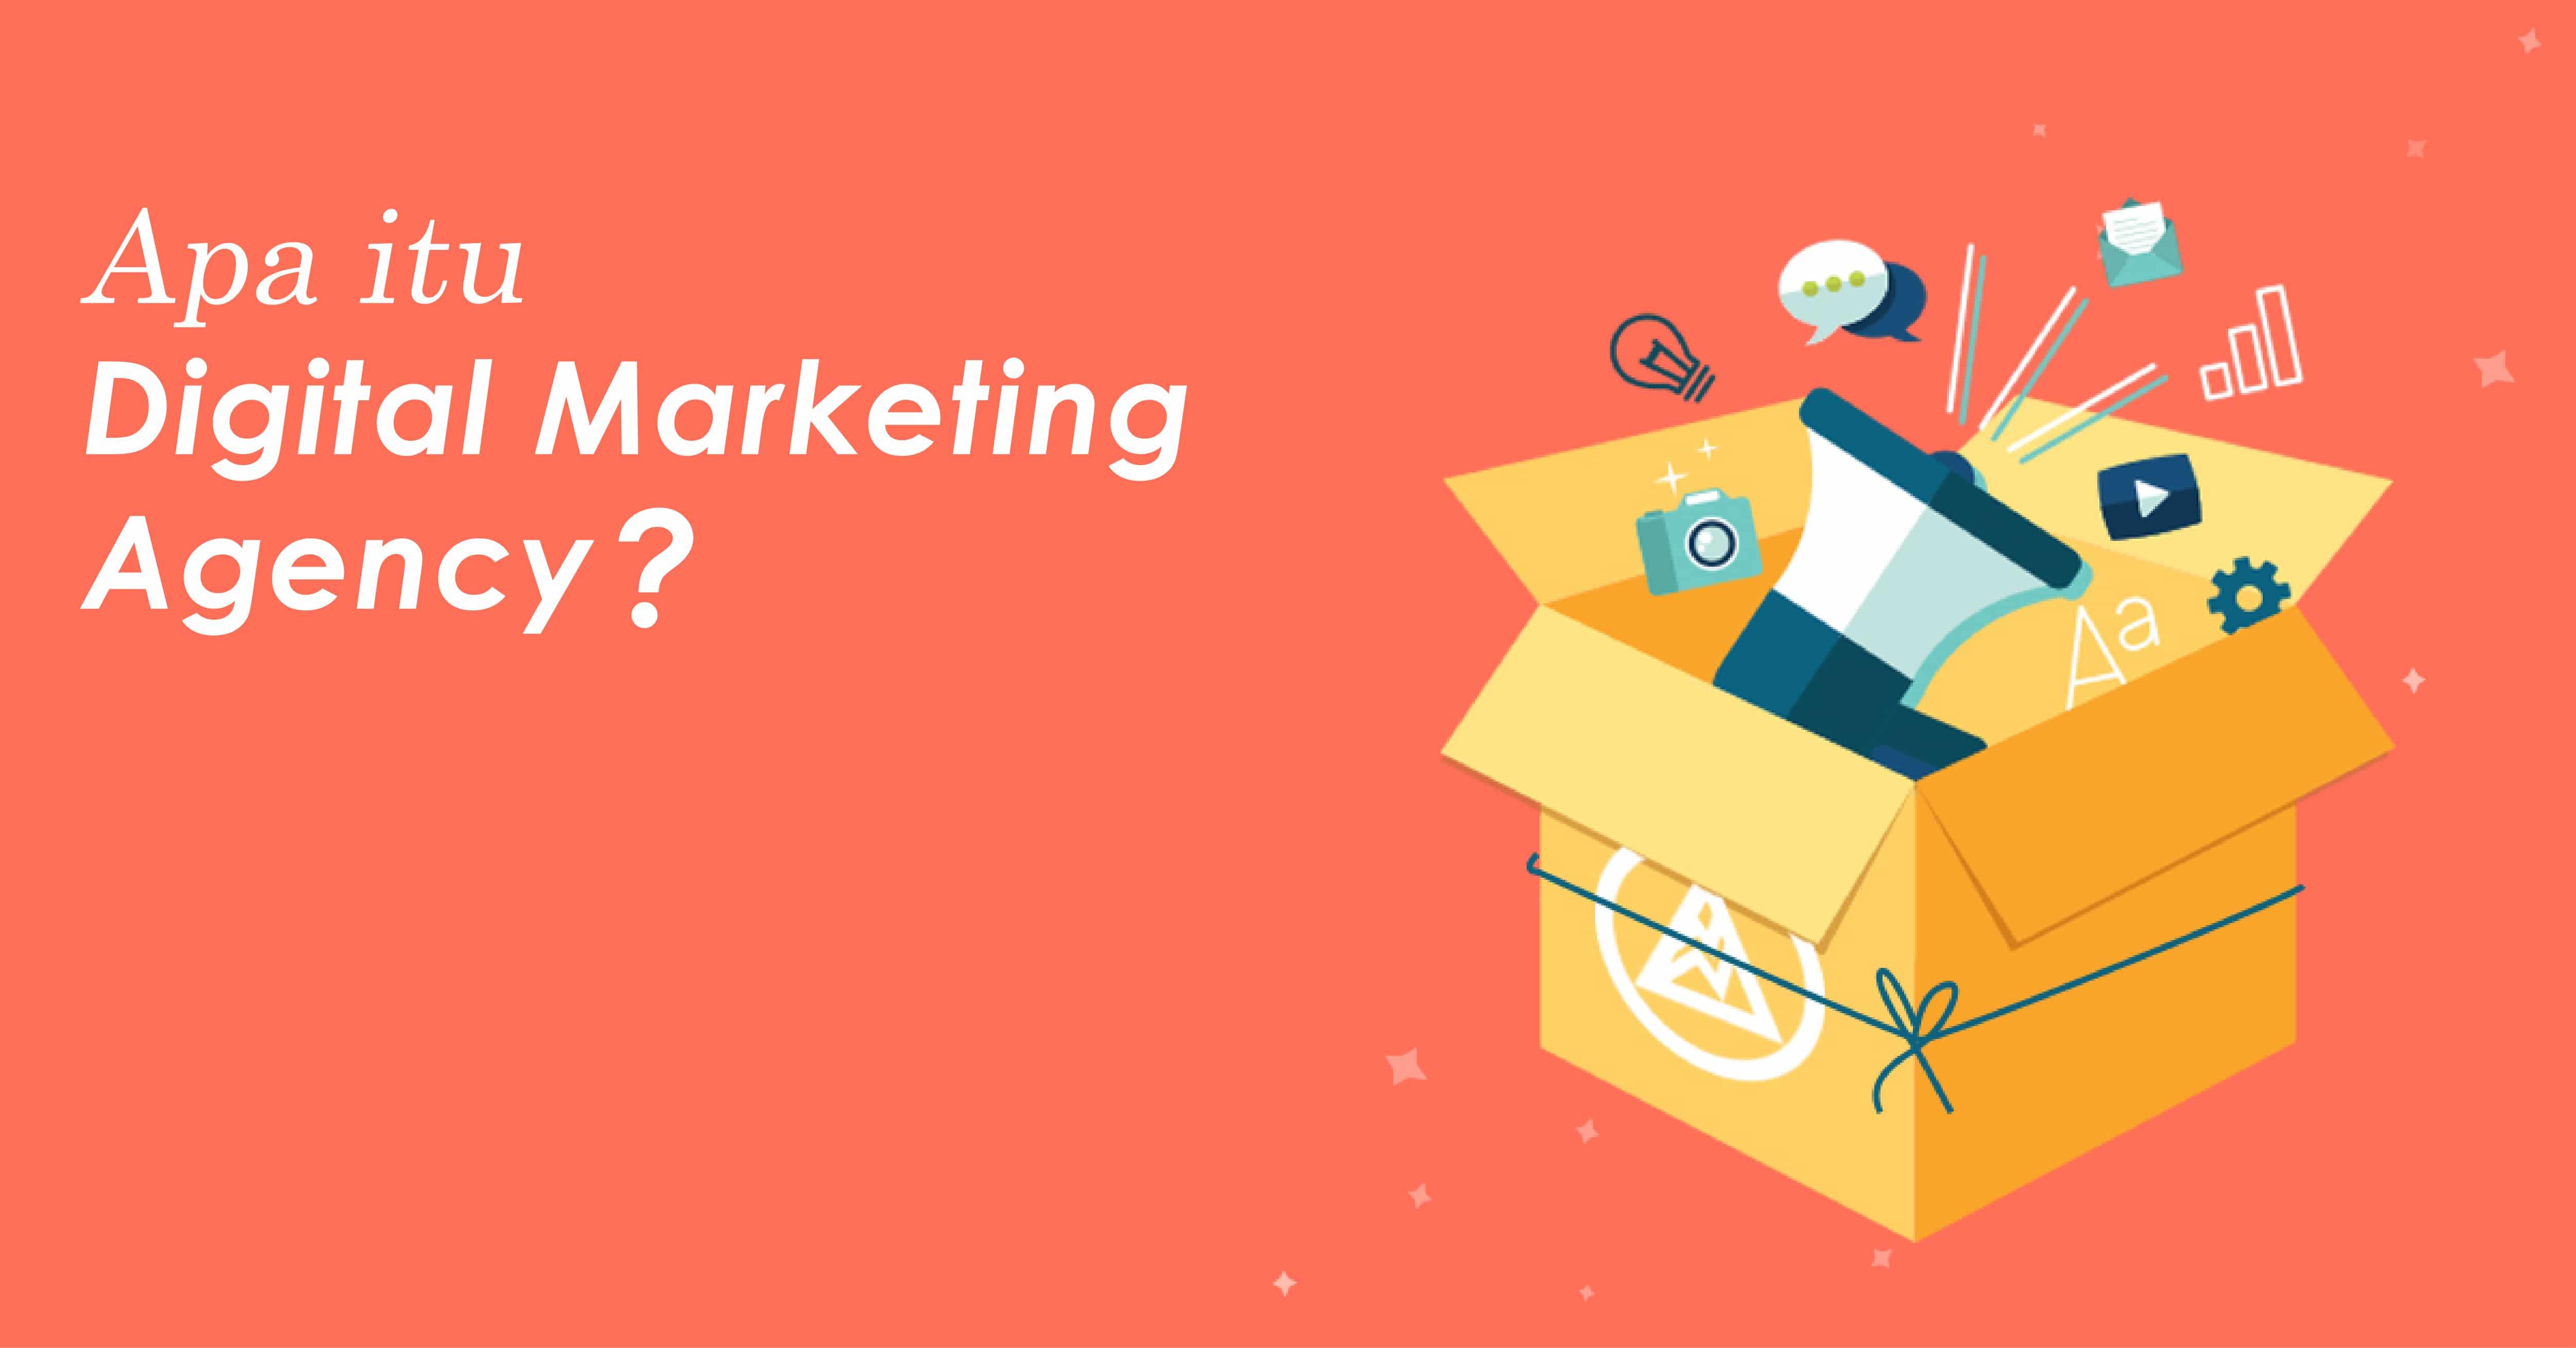 Apa itu Digital Marketing Agency? Dan Apa Saja Kelebihannya?